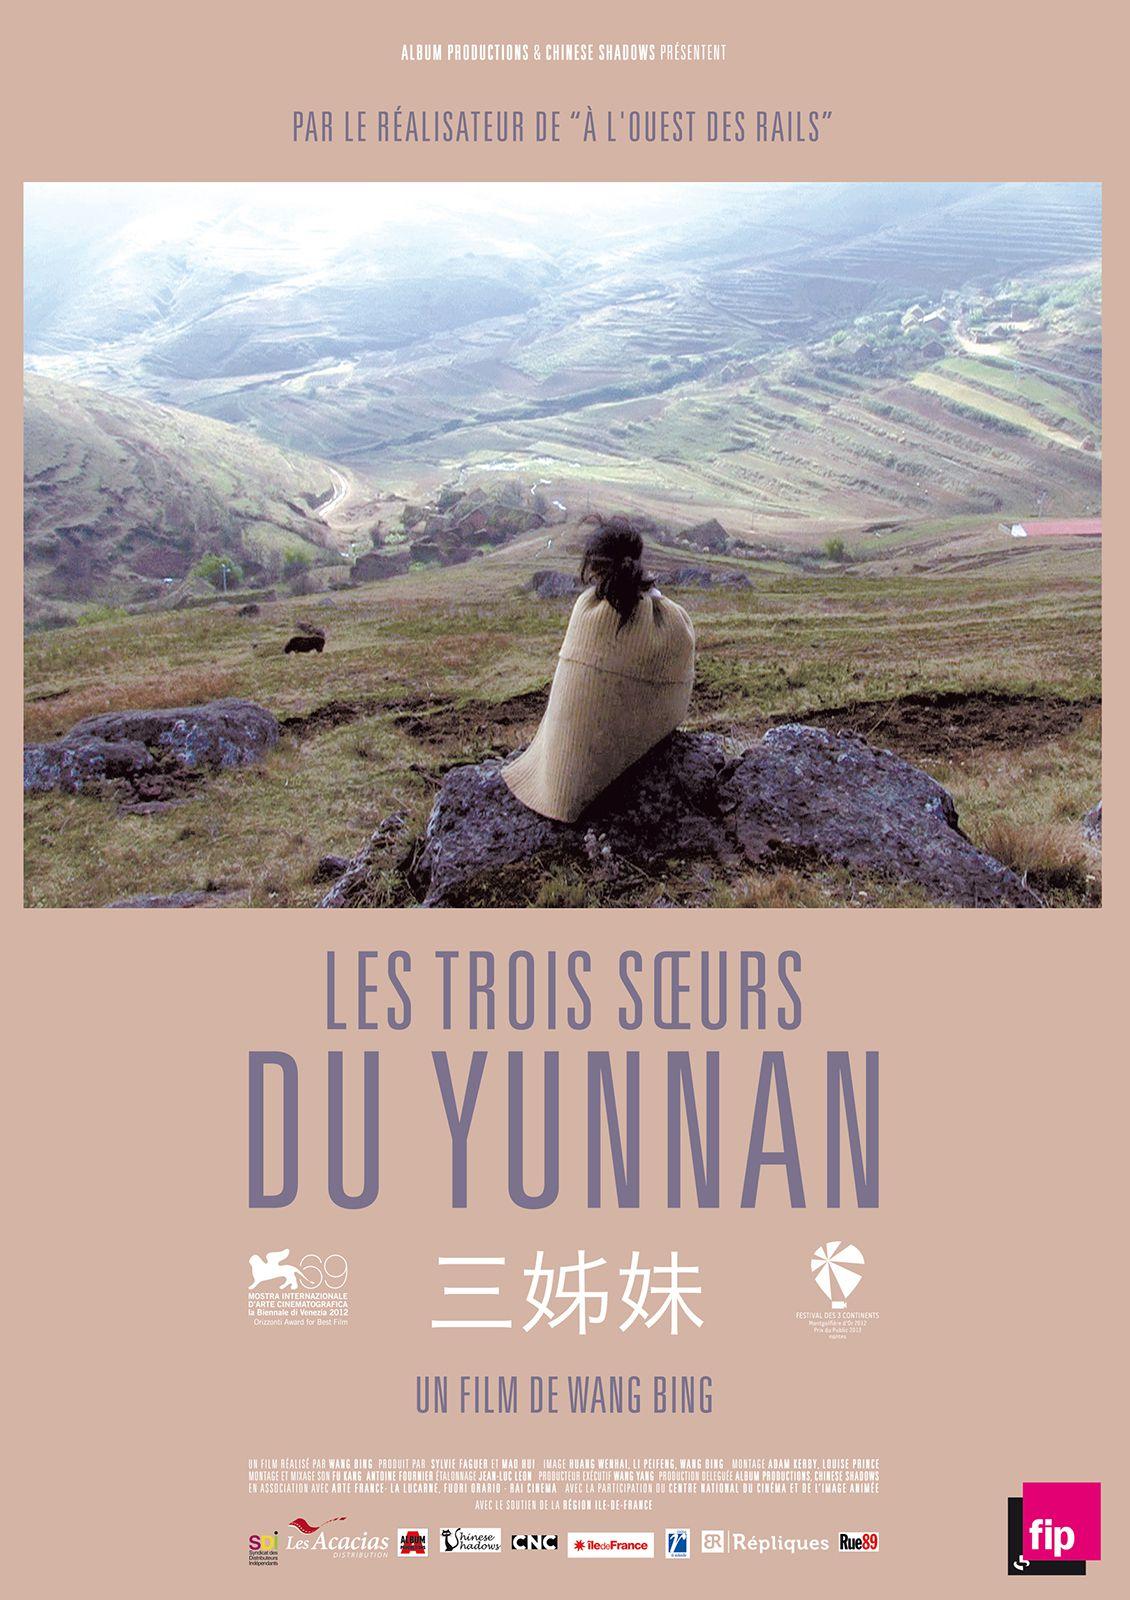 Les Trois Soeurs du Yunnan - Documentaire (2013)